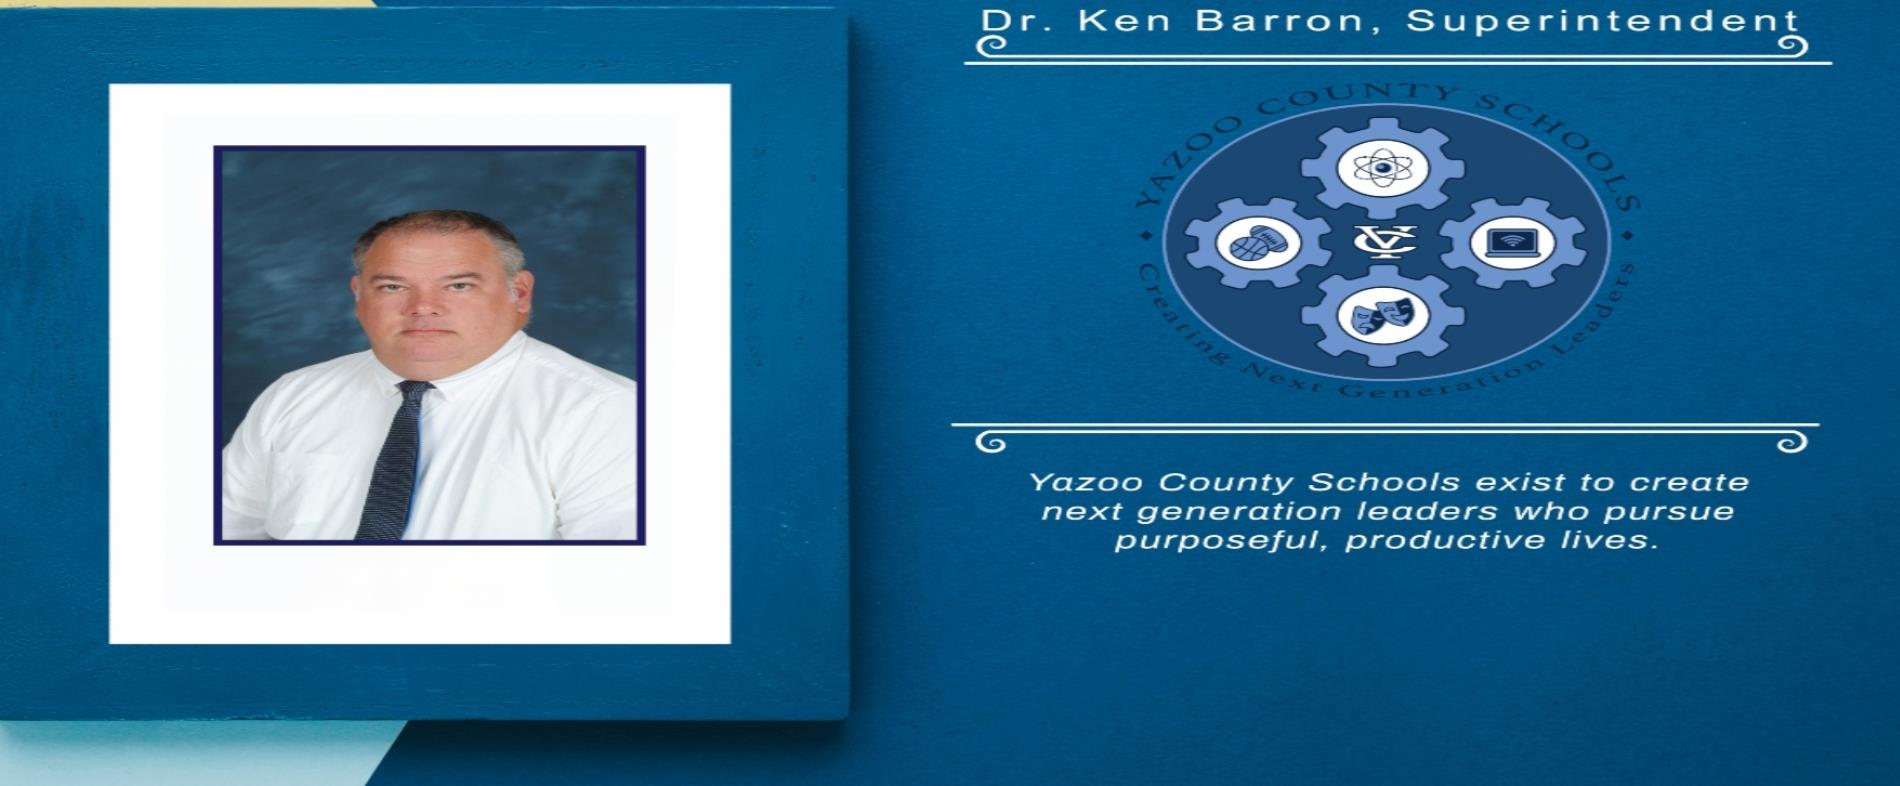 Dr. Barron